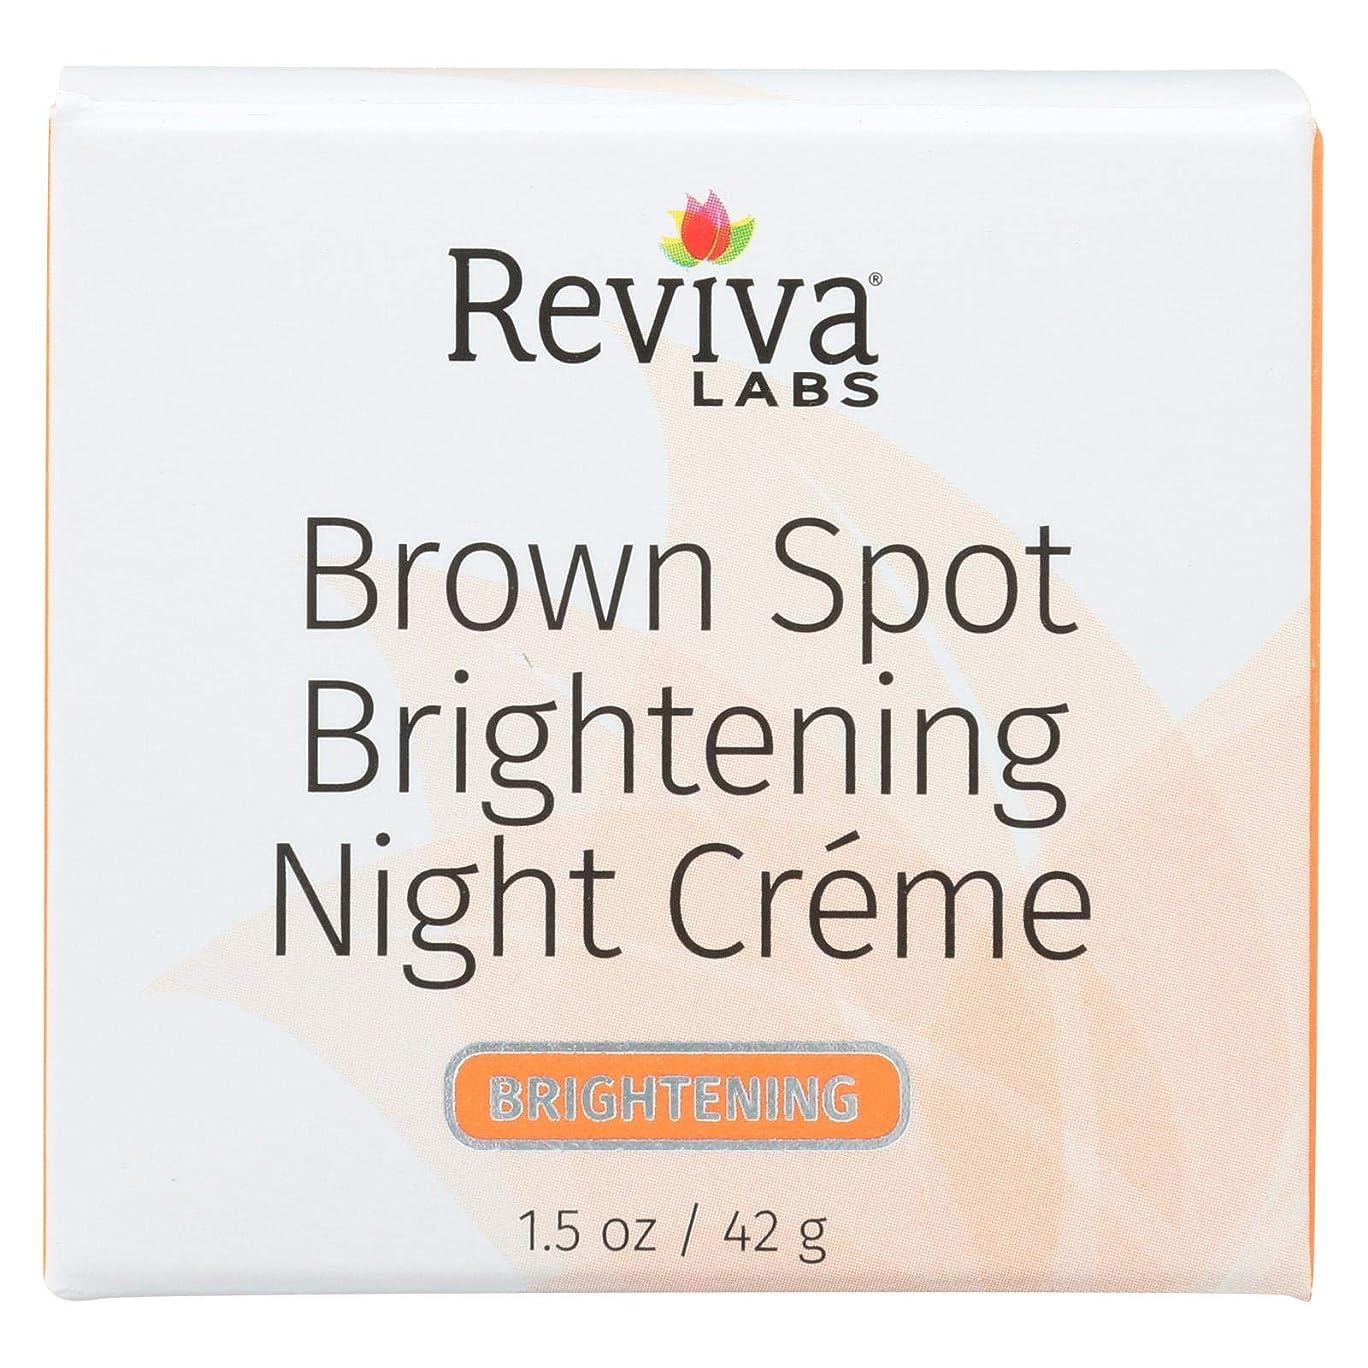 請求可能ドナウ川贅沢な[海外直送品]  ブラウン スポット ナイトクリーム 42g  ハイドロキノン2%配合